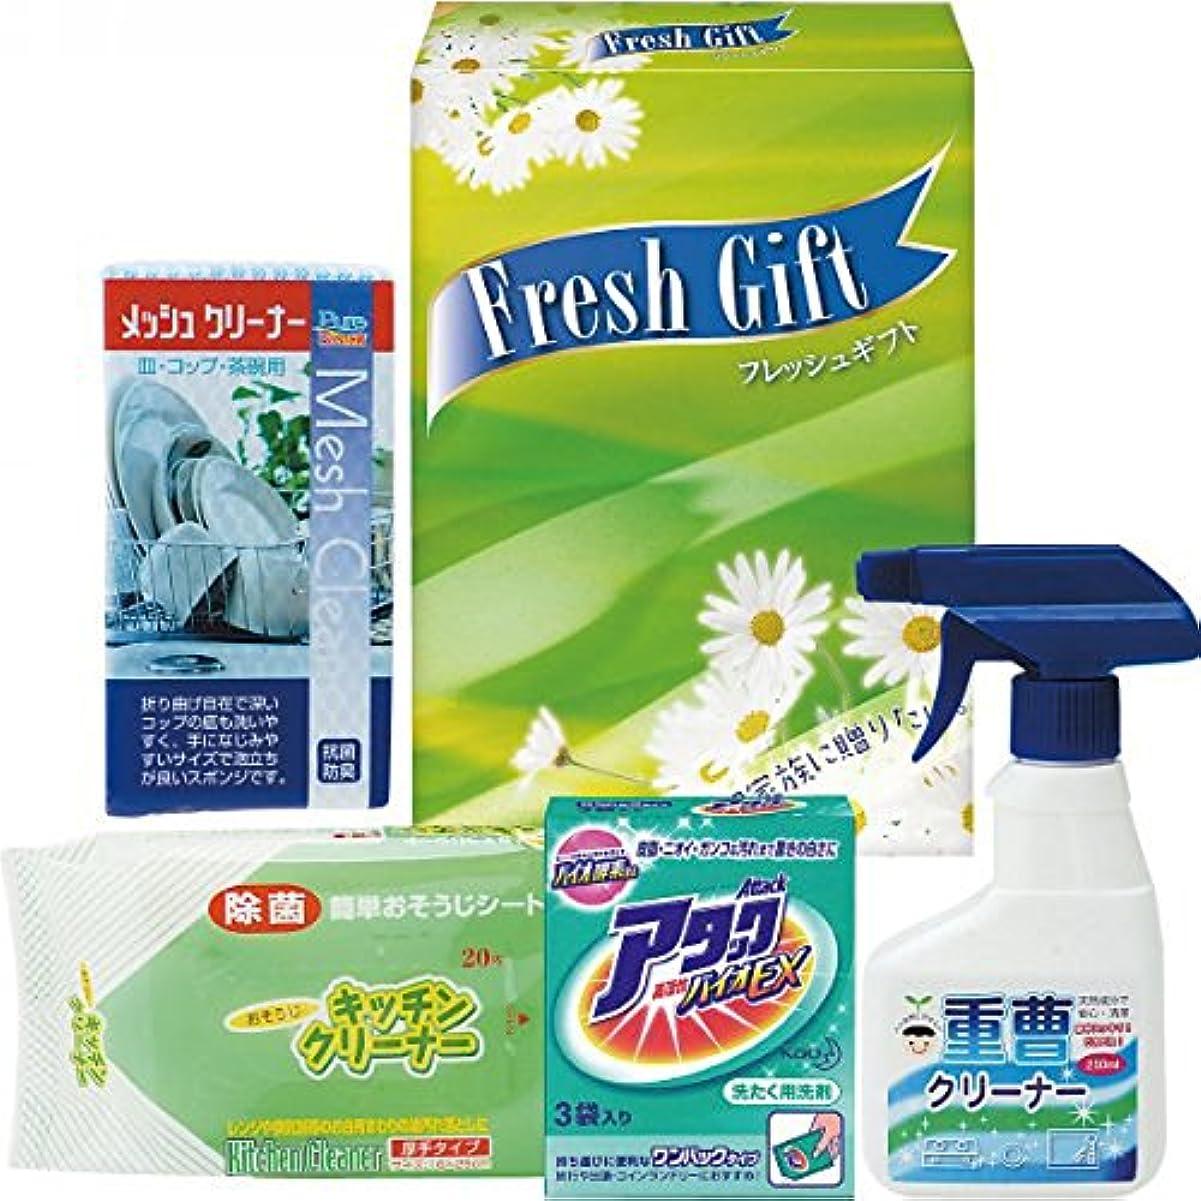 水銀のパスタ一口nobrand アタック&フレッシュボックス 石鹸 (G-10R)